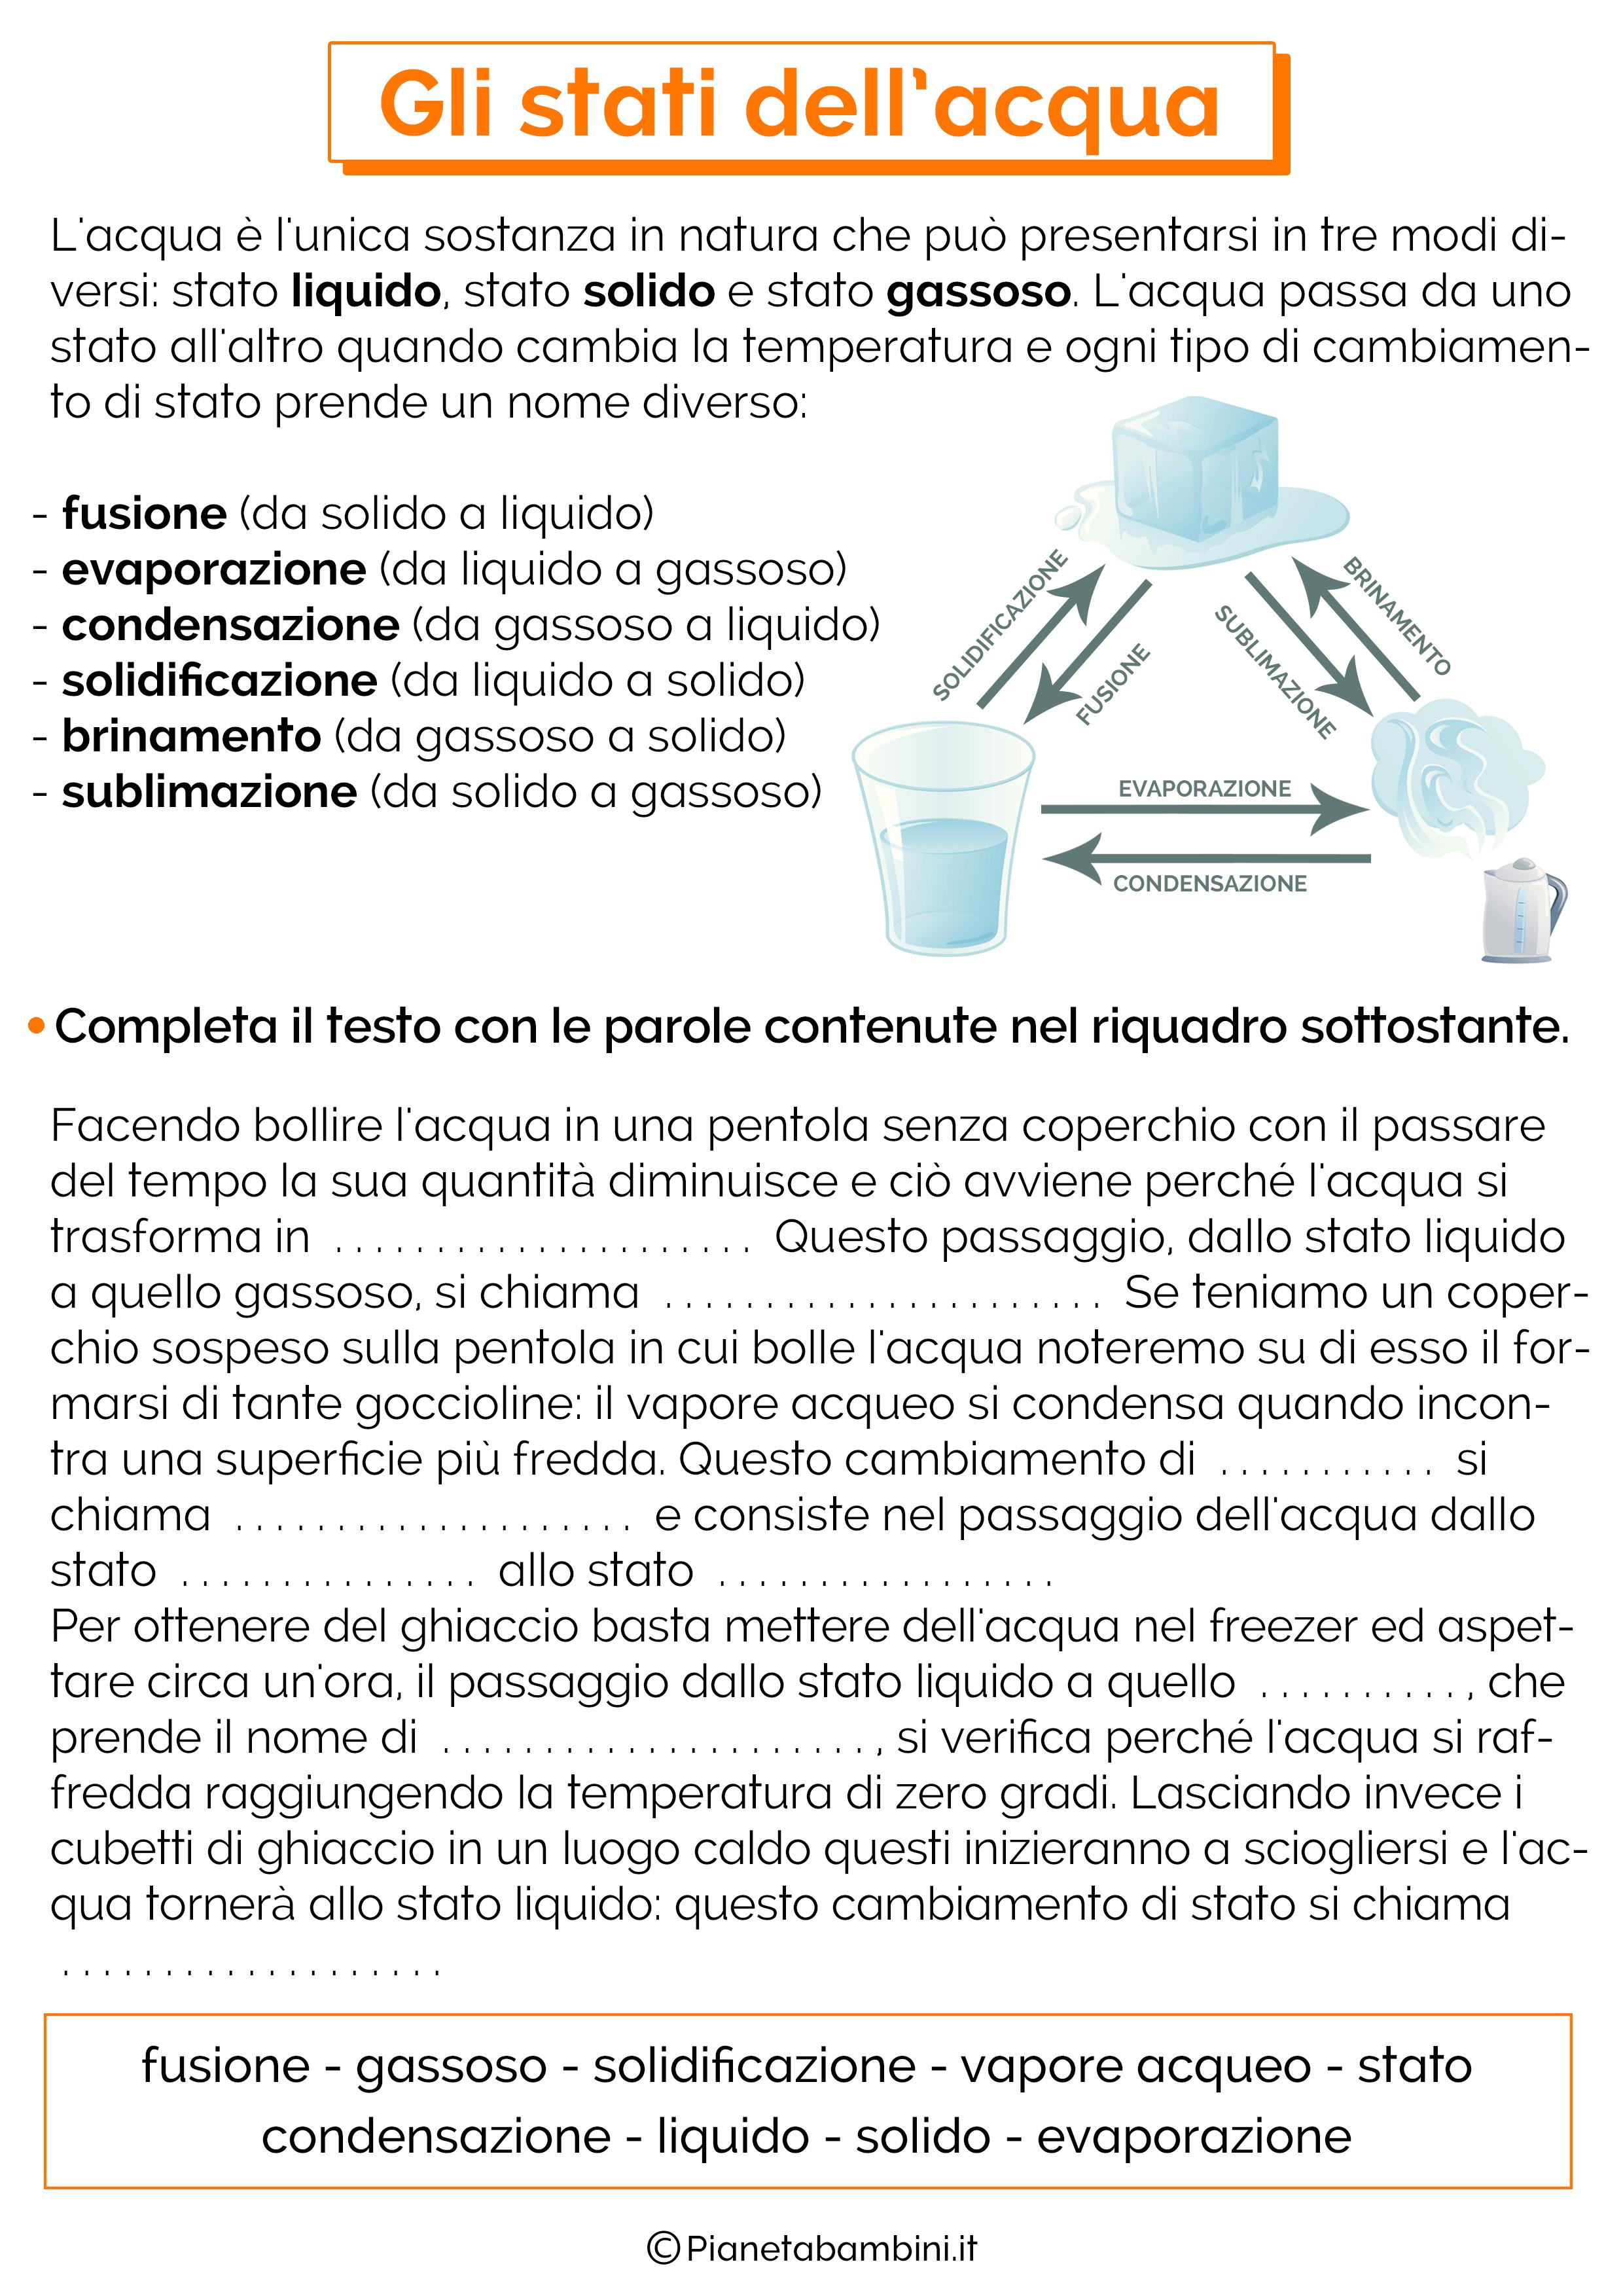 Estremamente L'Acqua: Schede Didattiche per la Scuola Primaria | PianetaBambini.it DF65